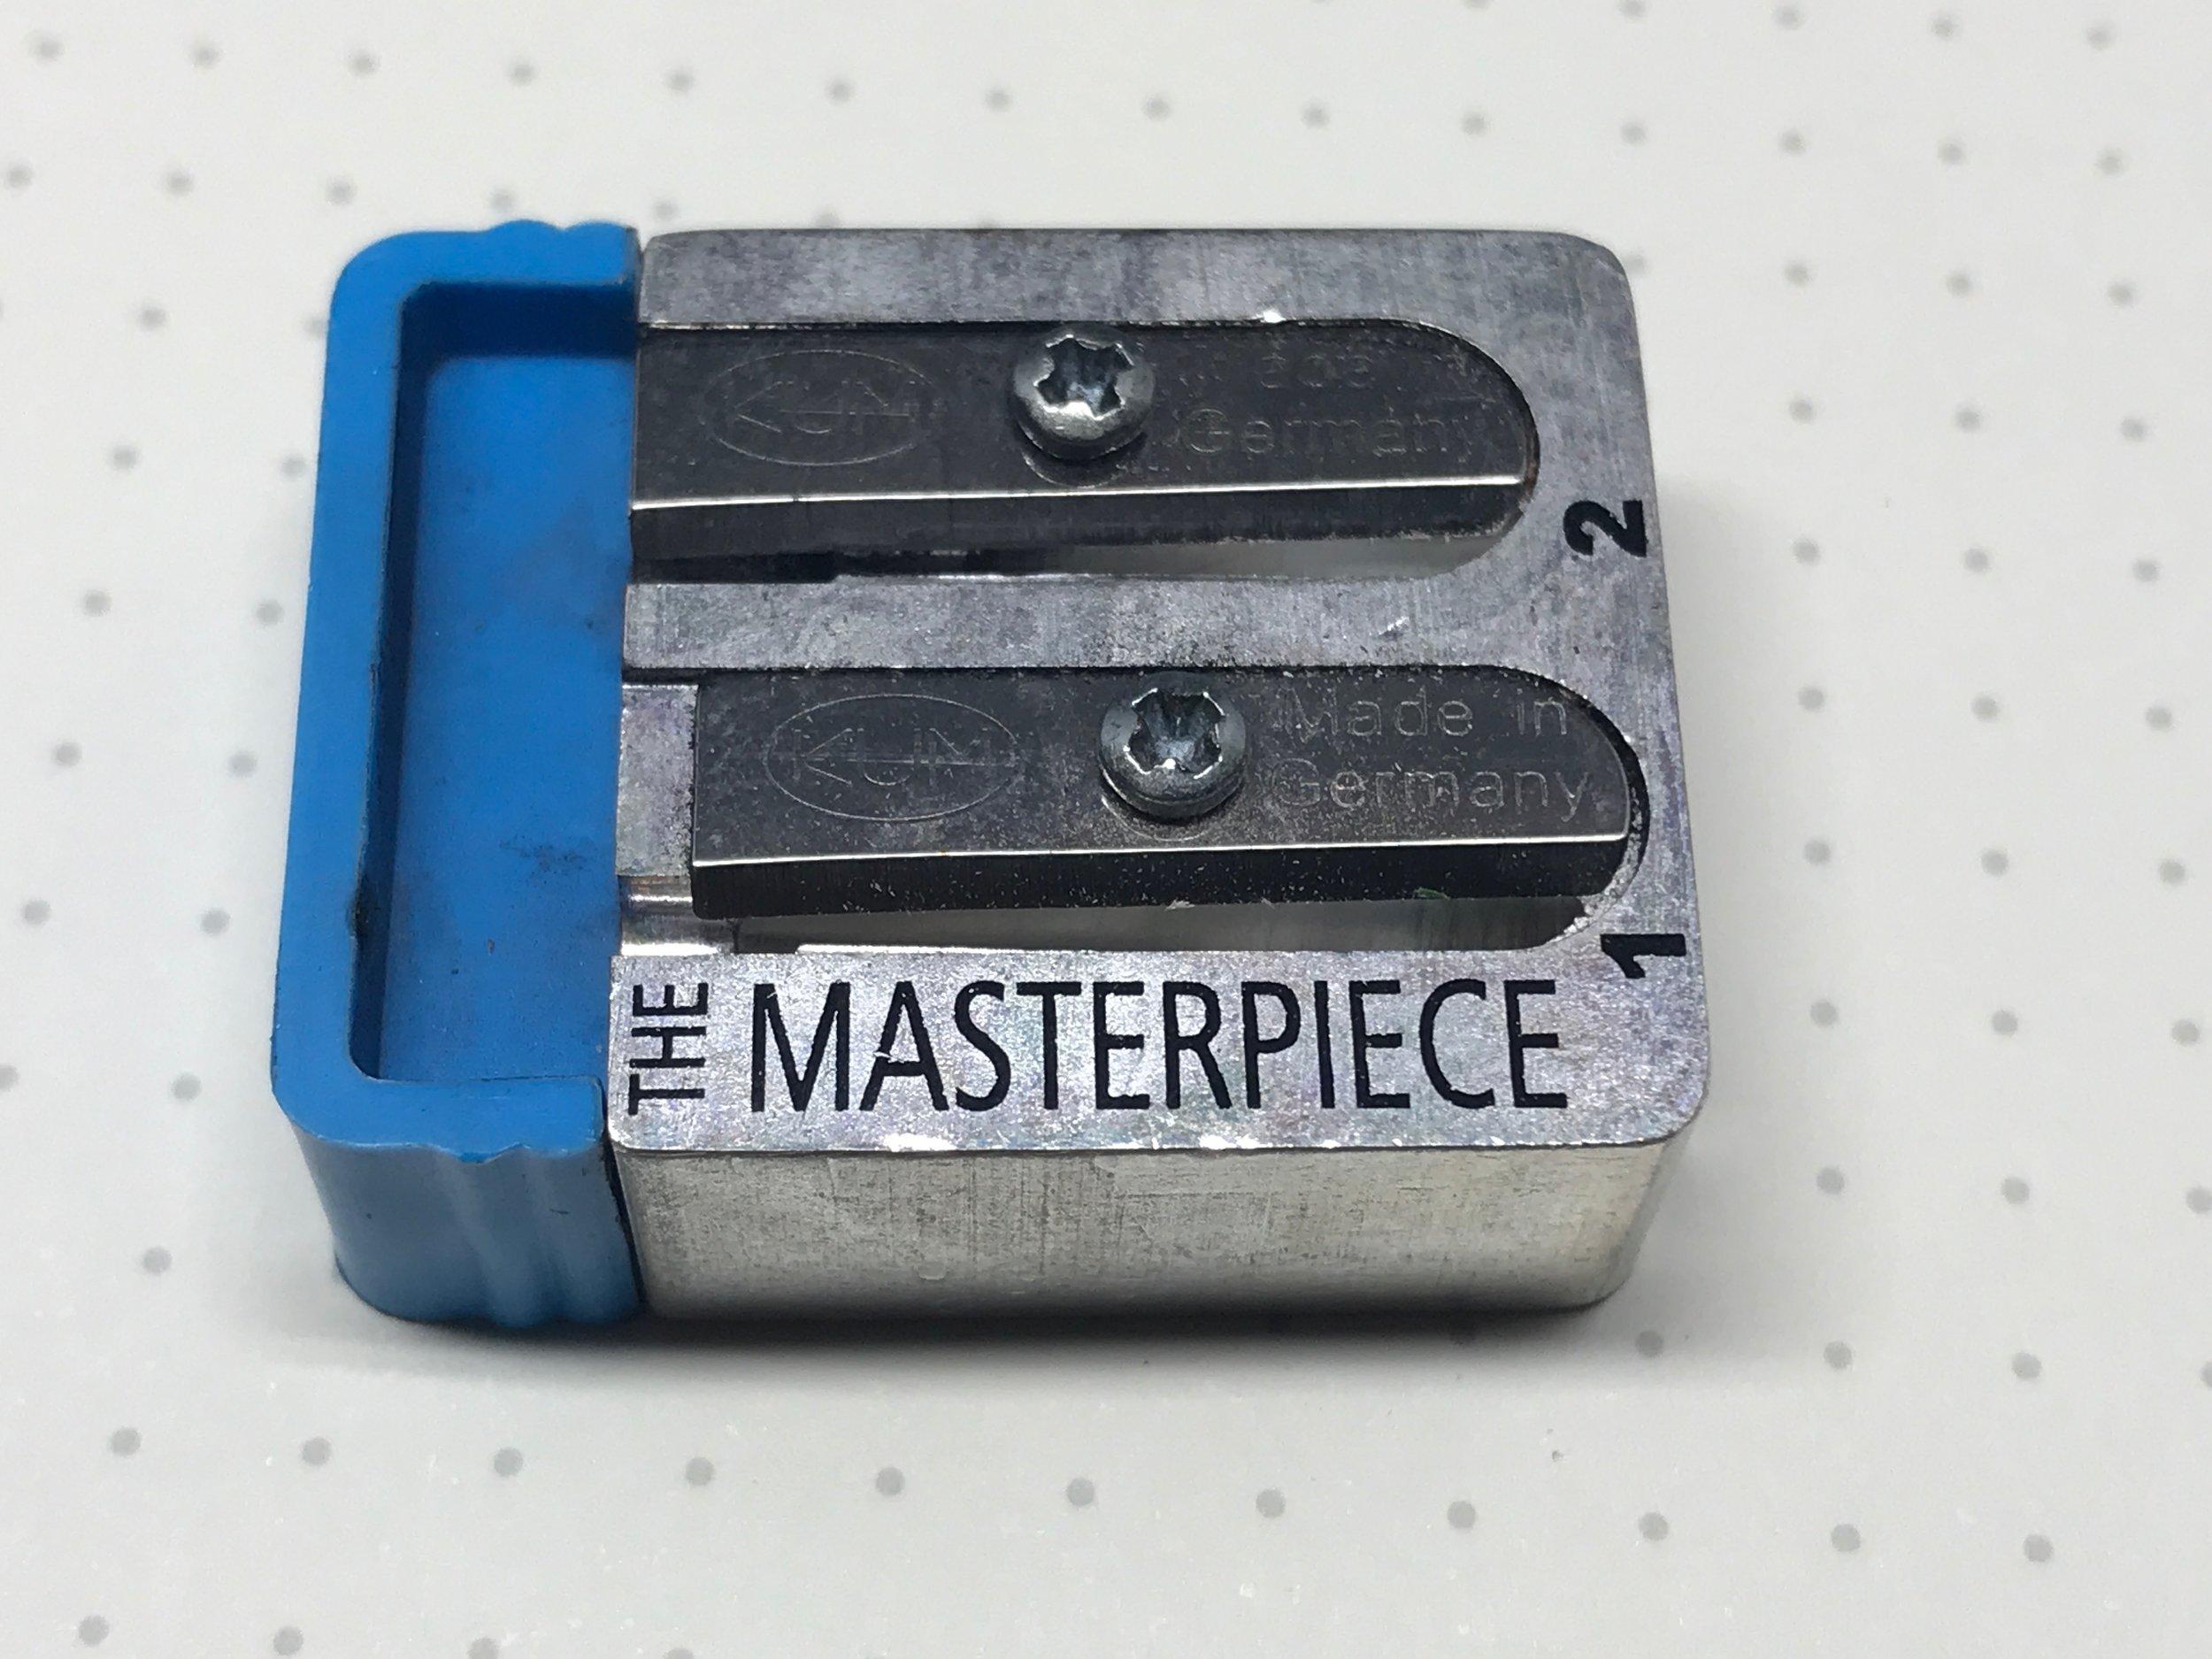 KUM-Masterpiece-Sharpener-1.jpg